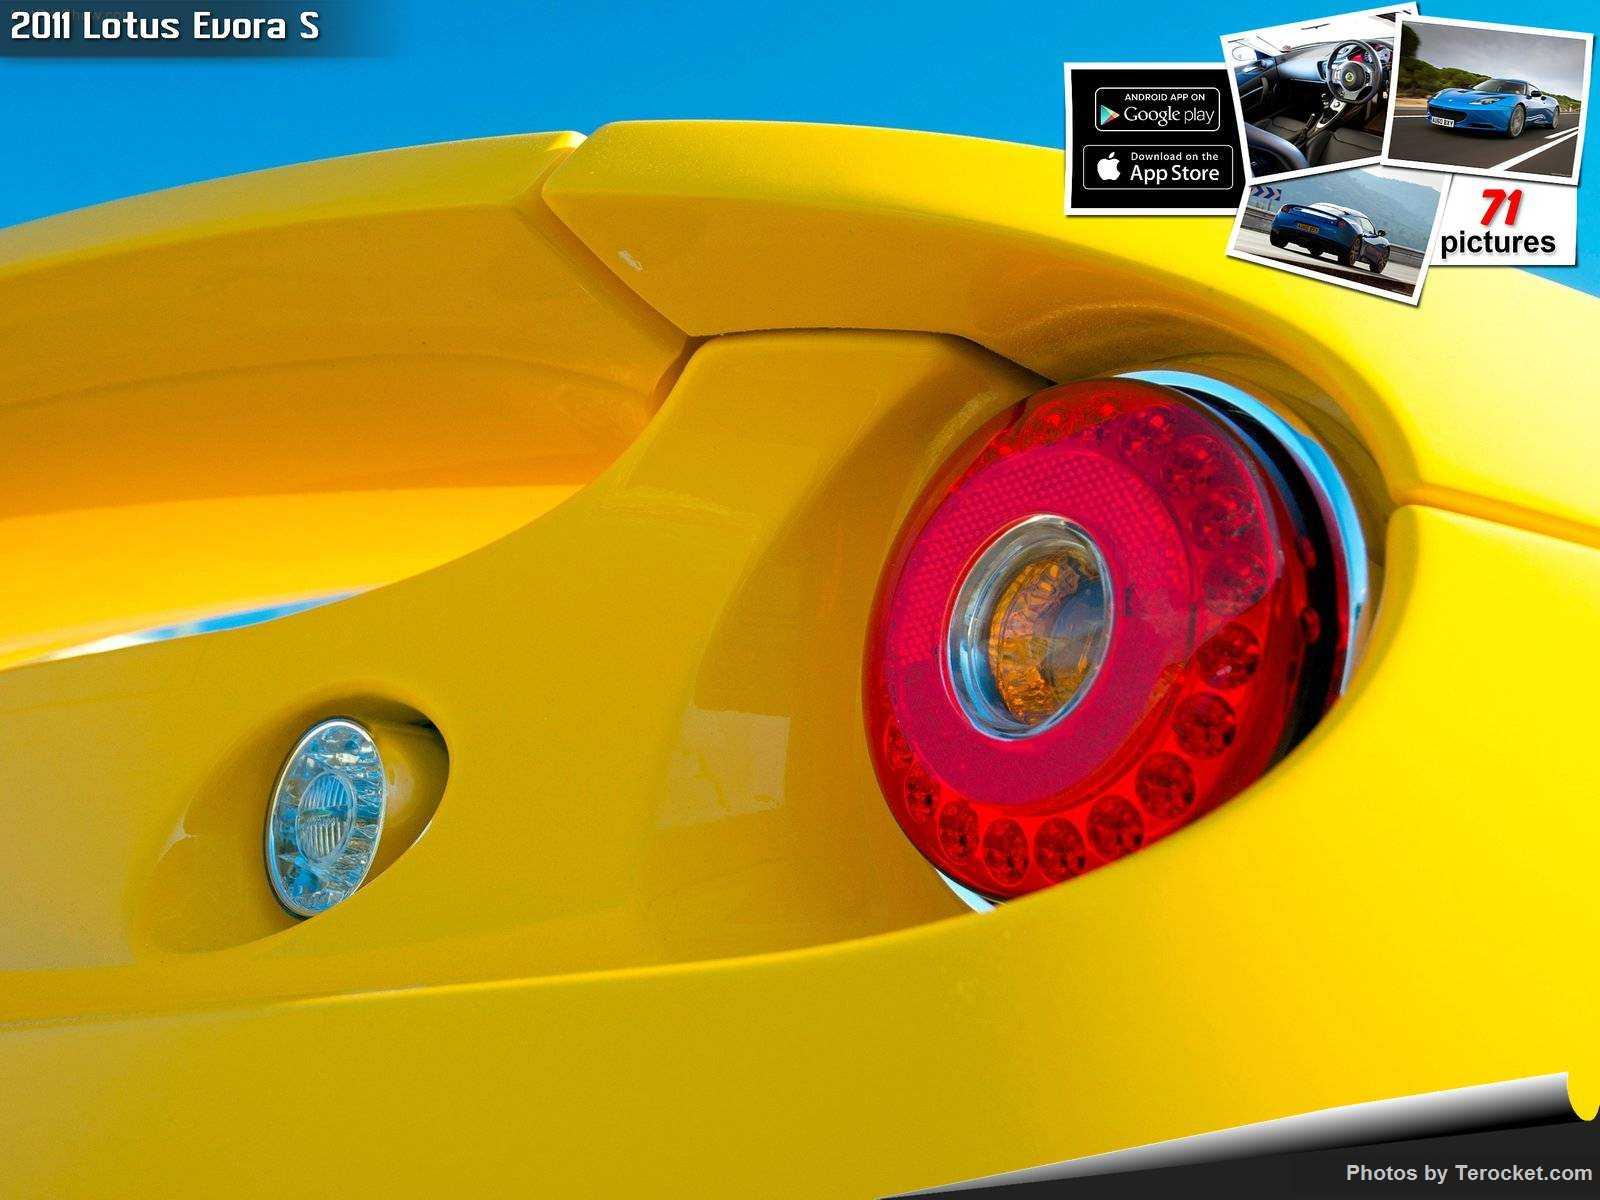 Hình ảnh siêu xe Lotus Evora S 2011 & nội ngoại thất